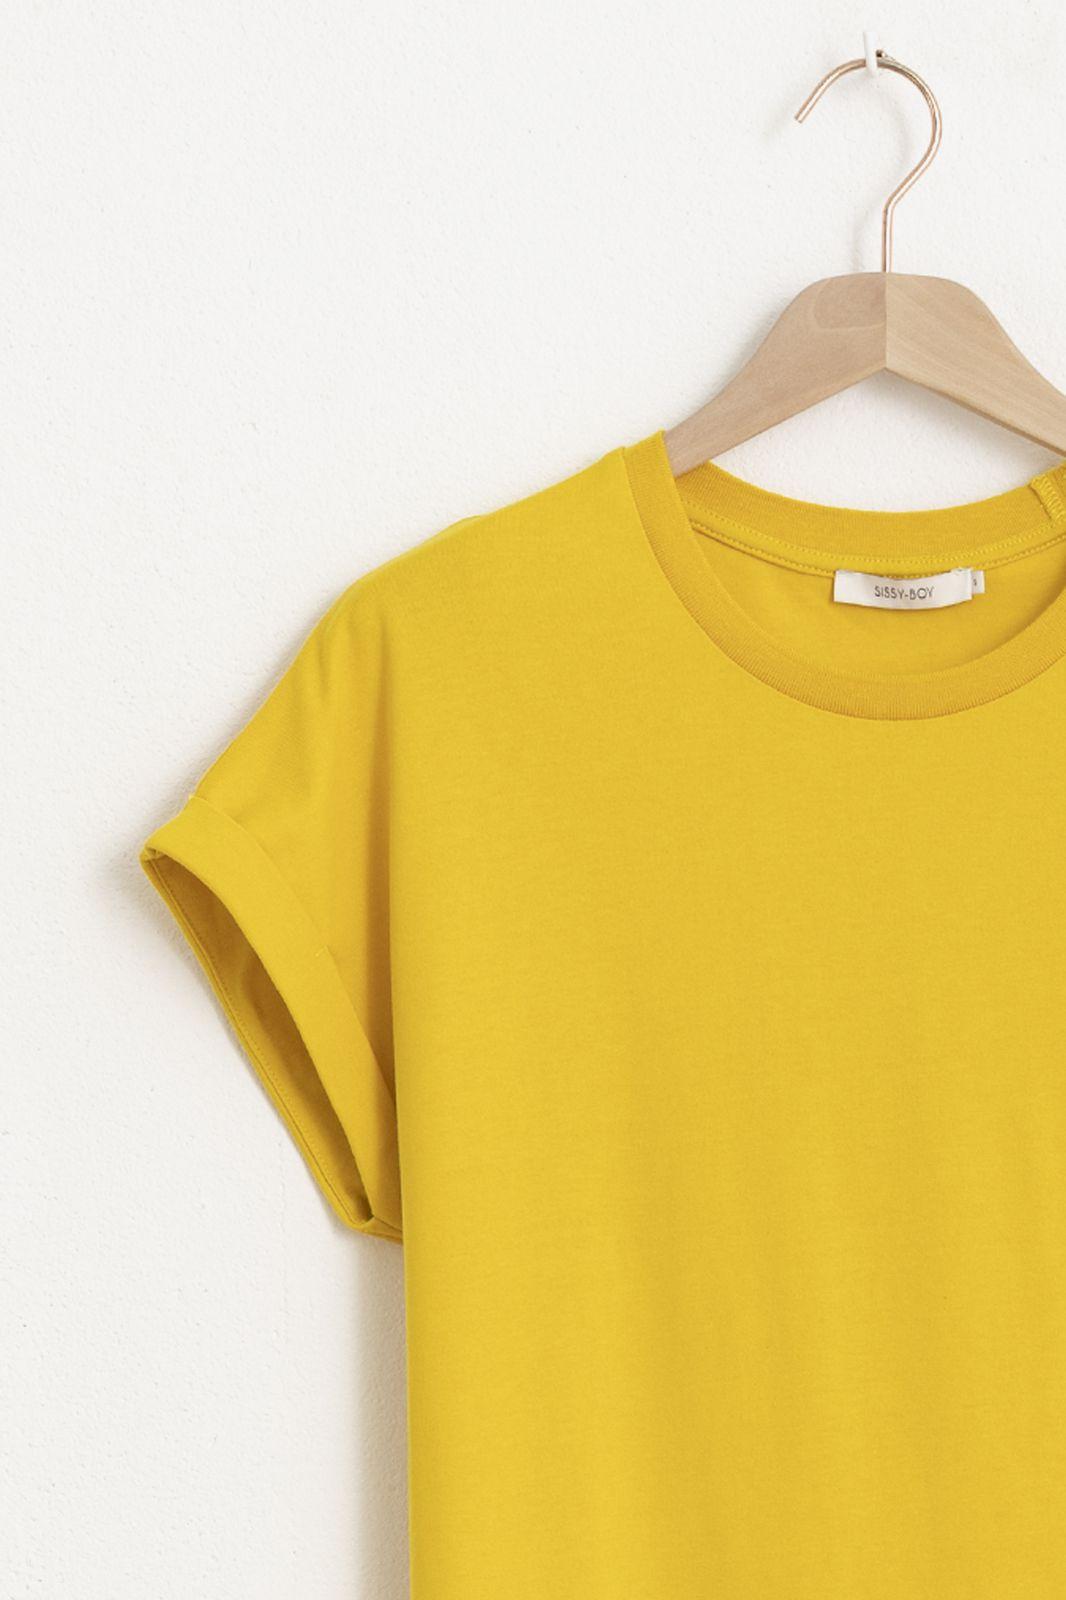 Gele jurk - Dames | Sissy-Boy